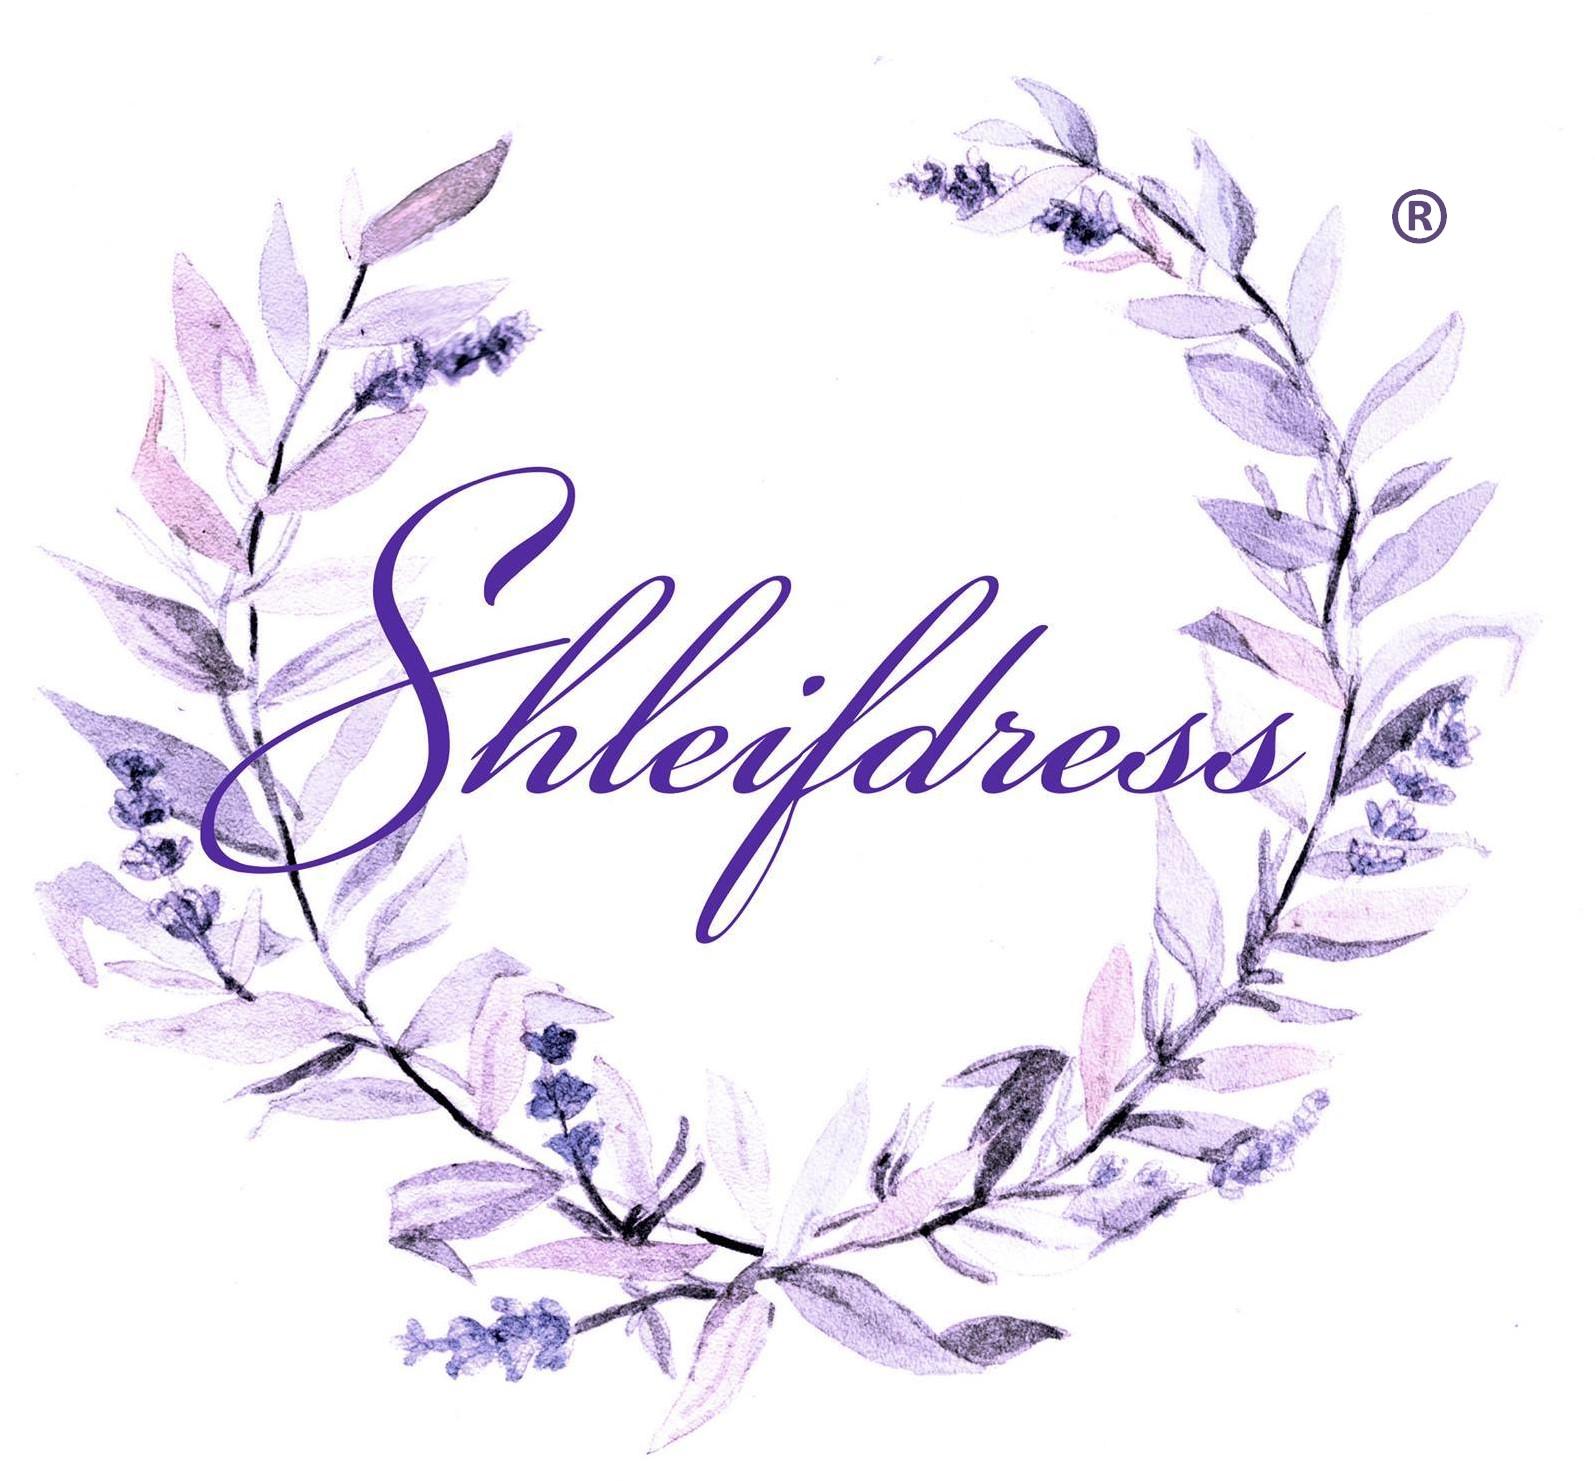 Shleifdress - Современные свадебные и вечерние платья